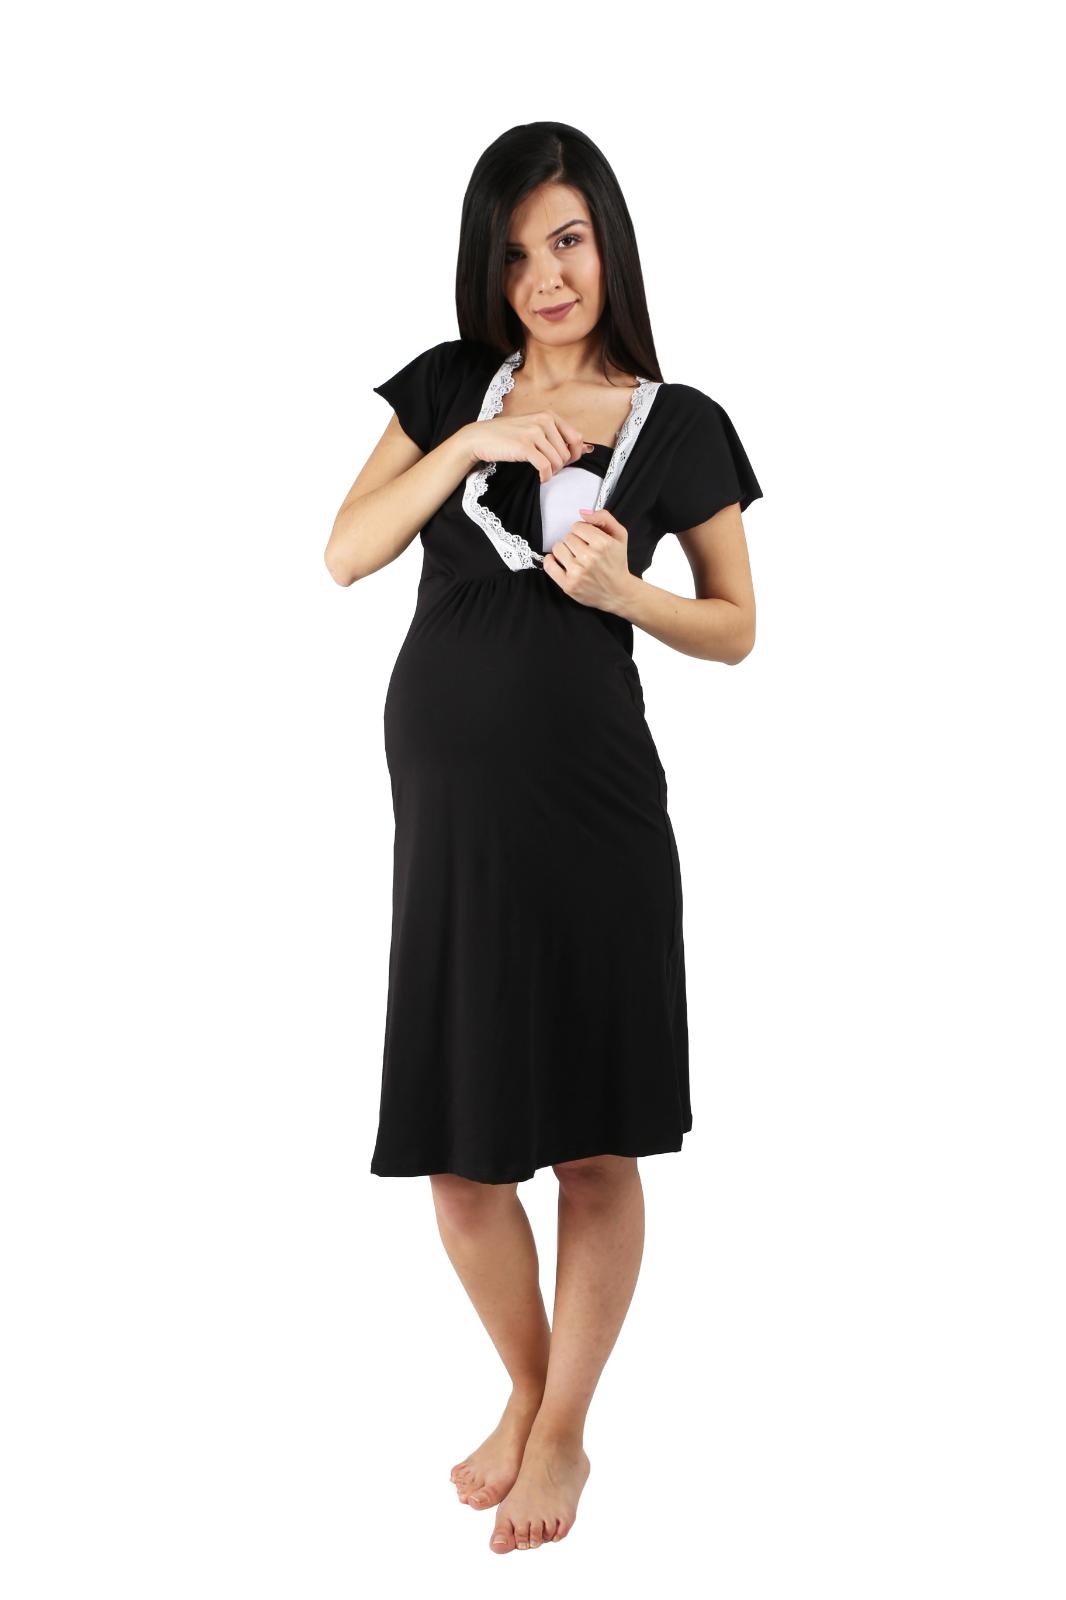 df1676569c Stillpyjama Damen Schlafanzug für Schwangerschaft Nachthemd Stillfunktion  Pyjama 7 7 von 8 ...